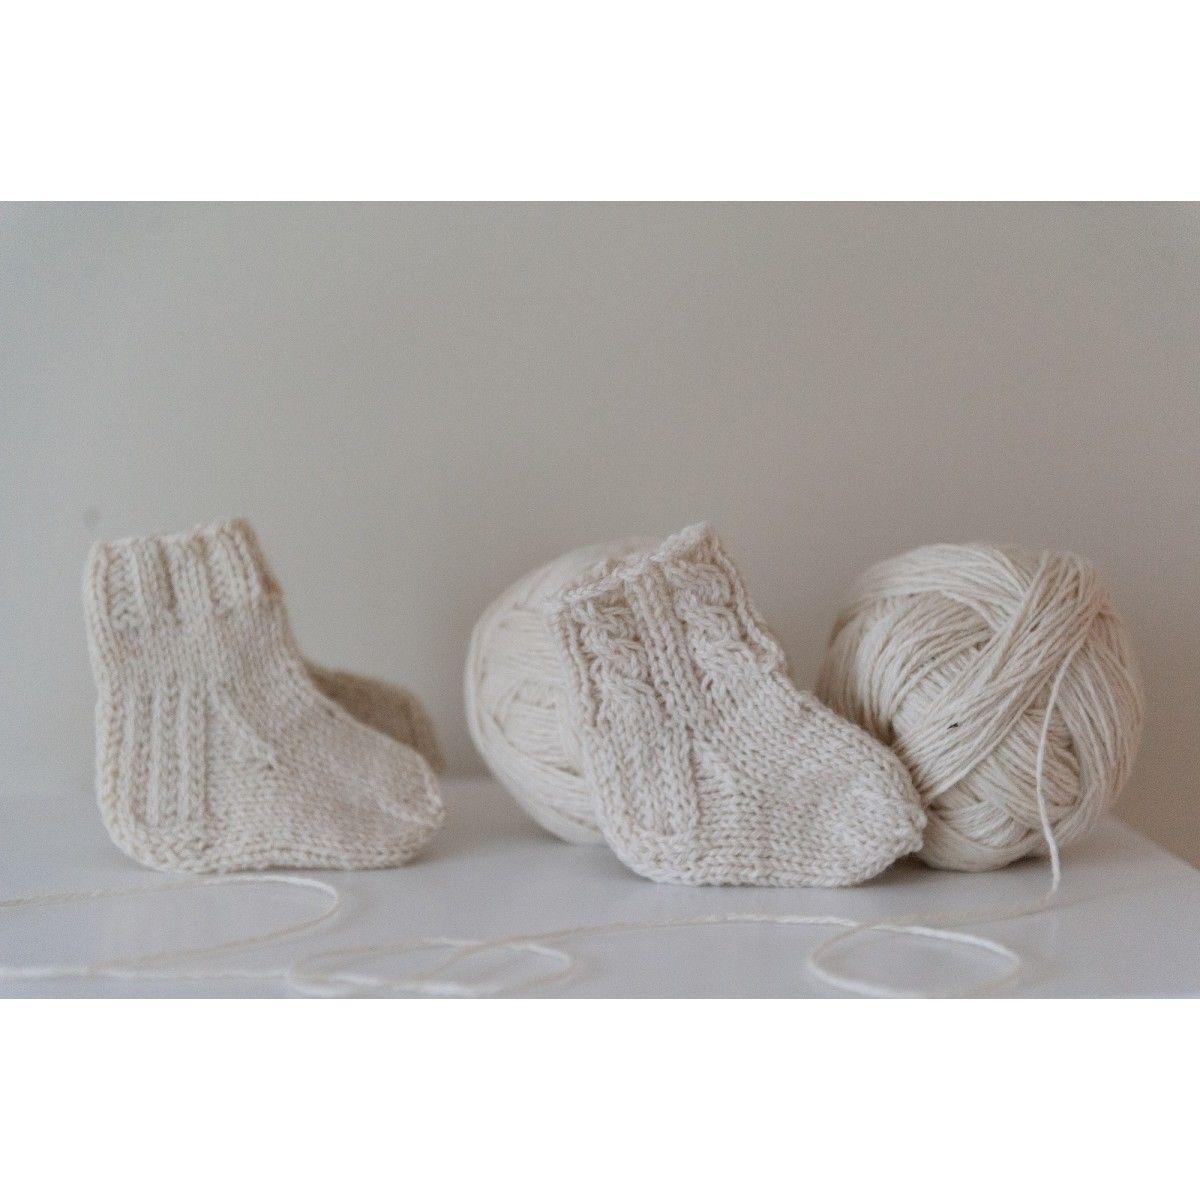 100% VILNONĖS kojinaitės kūdikiams, 9 cm, Vilaurita (300)